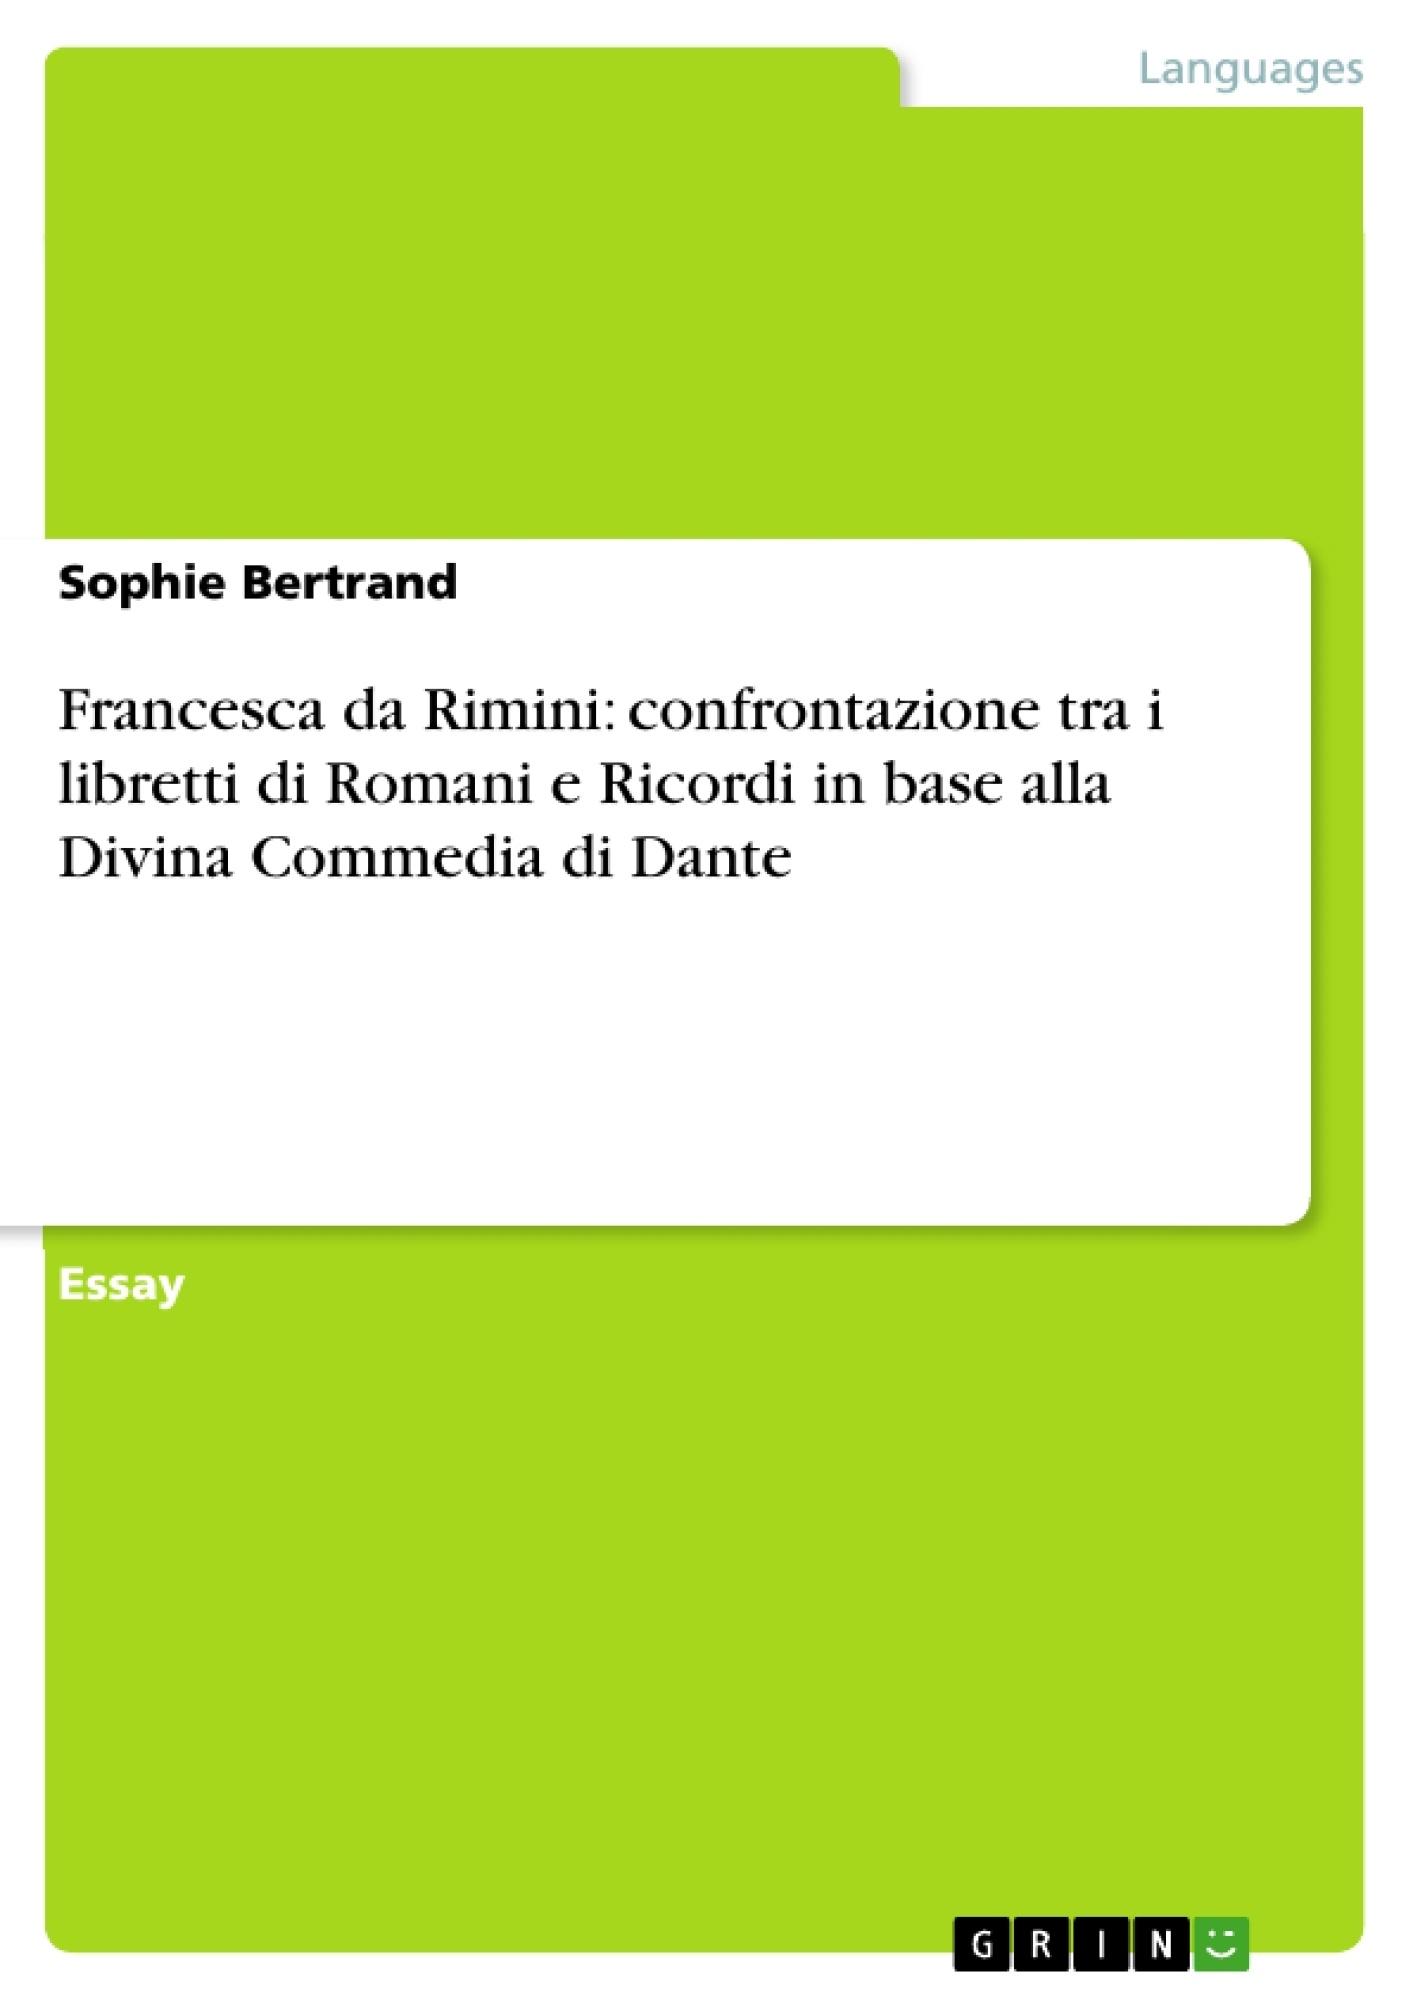 Title: Francesca da Rimini: confrontazione tra i libretti di Romani e Ricordi in base alla Divina Commedia di Dante